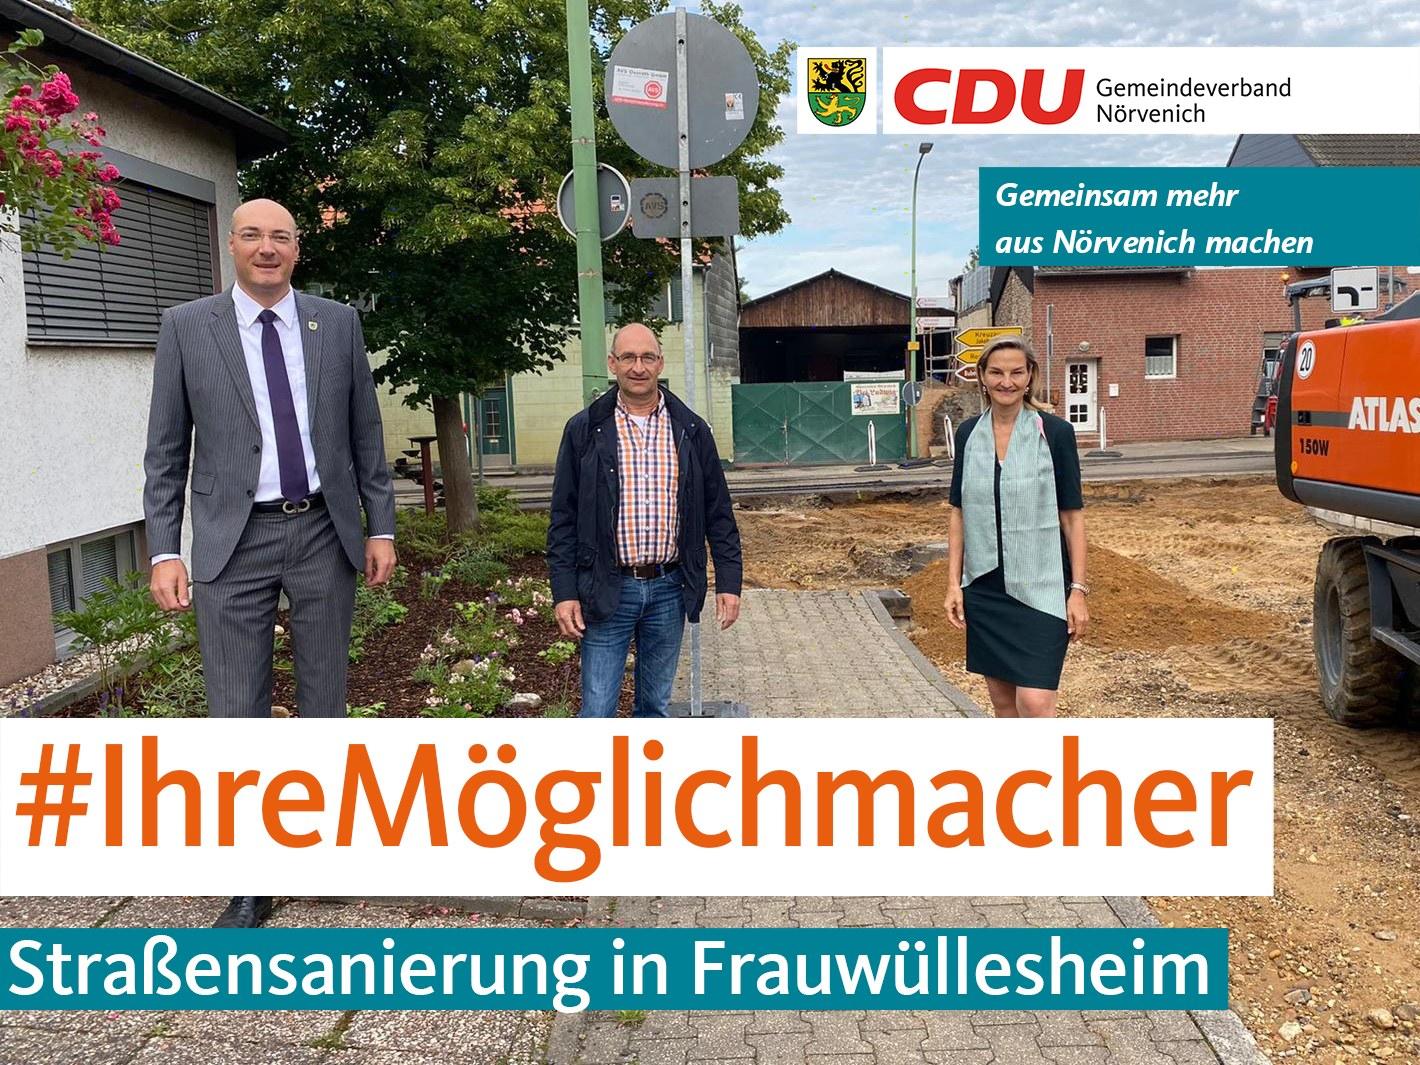 Umfangreiche Straßensanierung in Frauwüllesheim